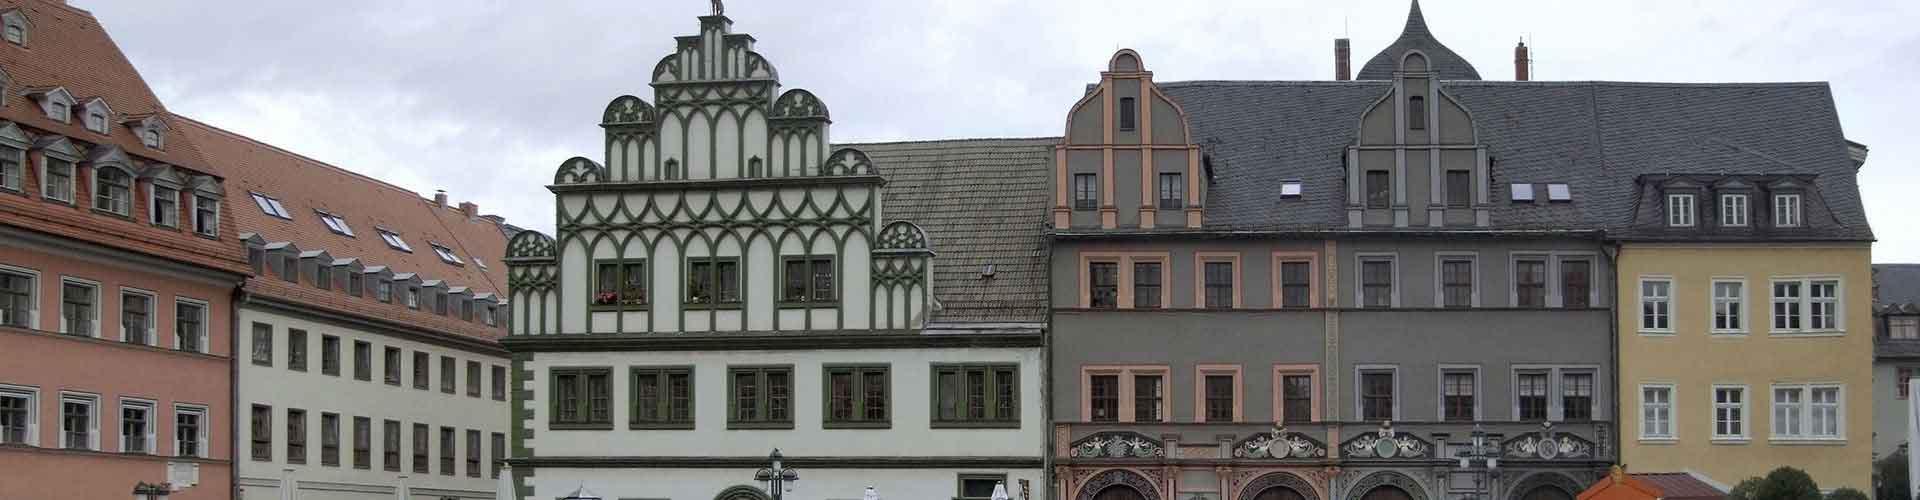 Weimar – Hostels in Weimar. Weimar auf der Karte. Fotos und Bewertungen für jedes Hostel in Weimar.